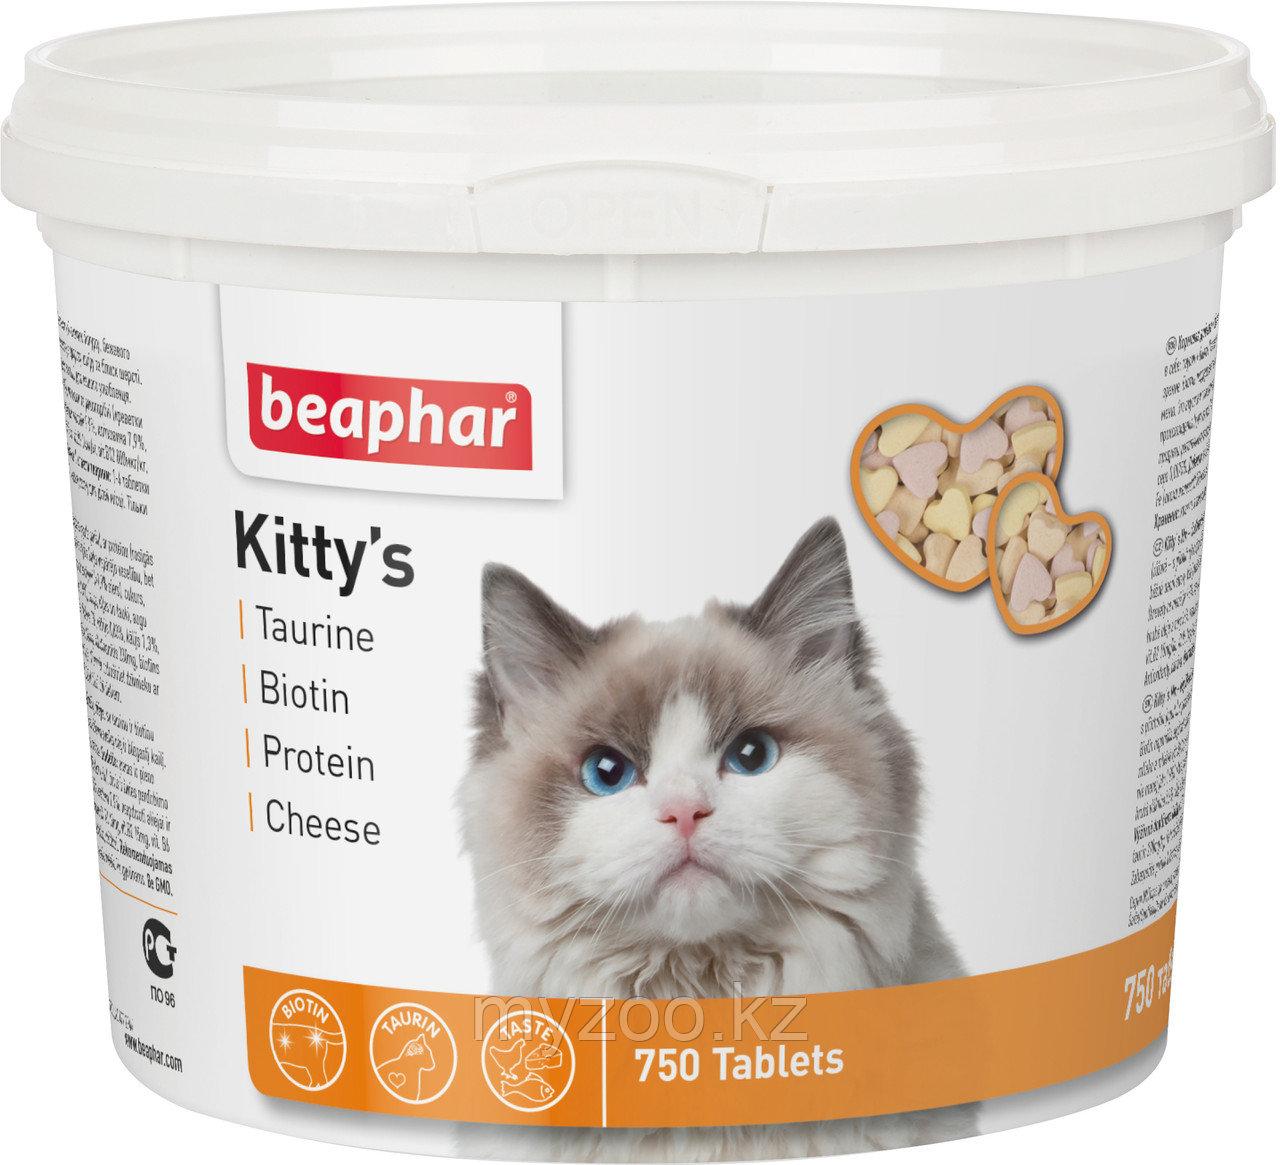 Beaphar Витамины Kitty's Mix, 750 таб.  Беафар Киттис Микс таурин-биотин, протеин, сыр 